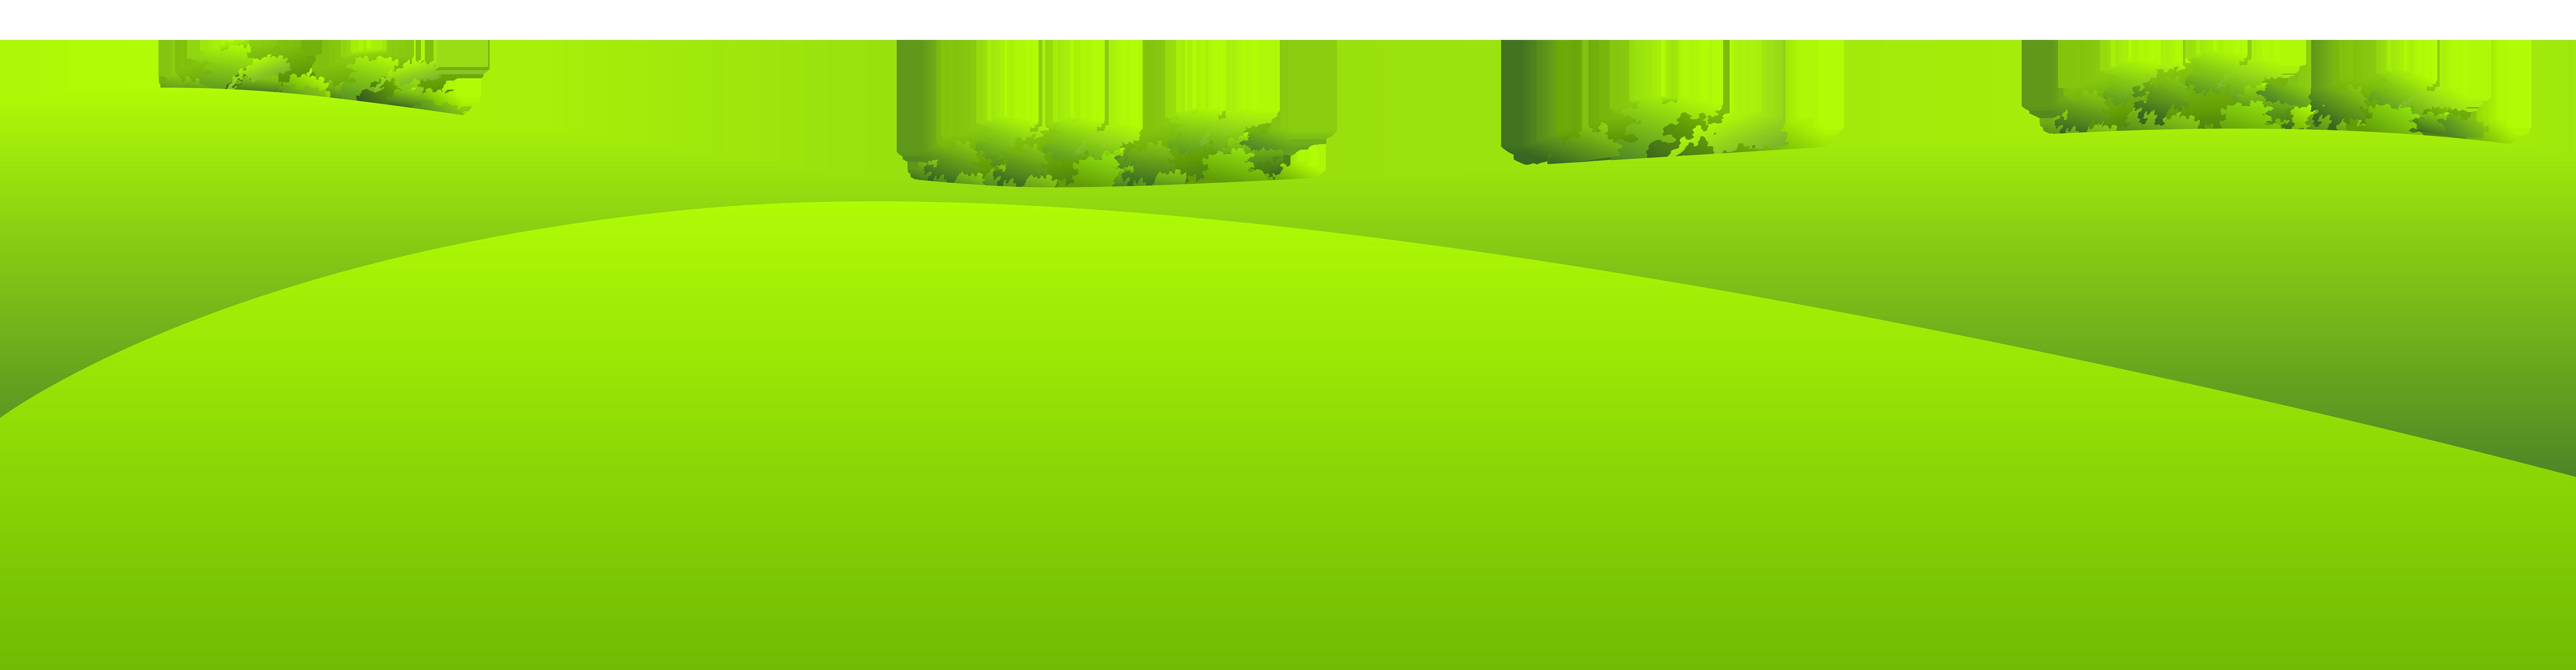 Field clip art images. Hills clipart patch grass